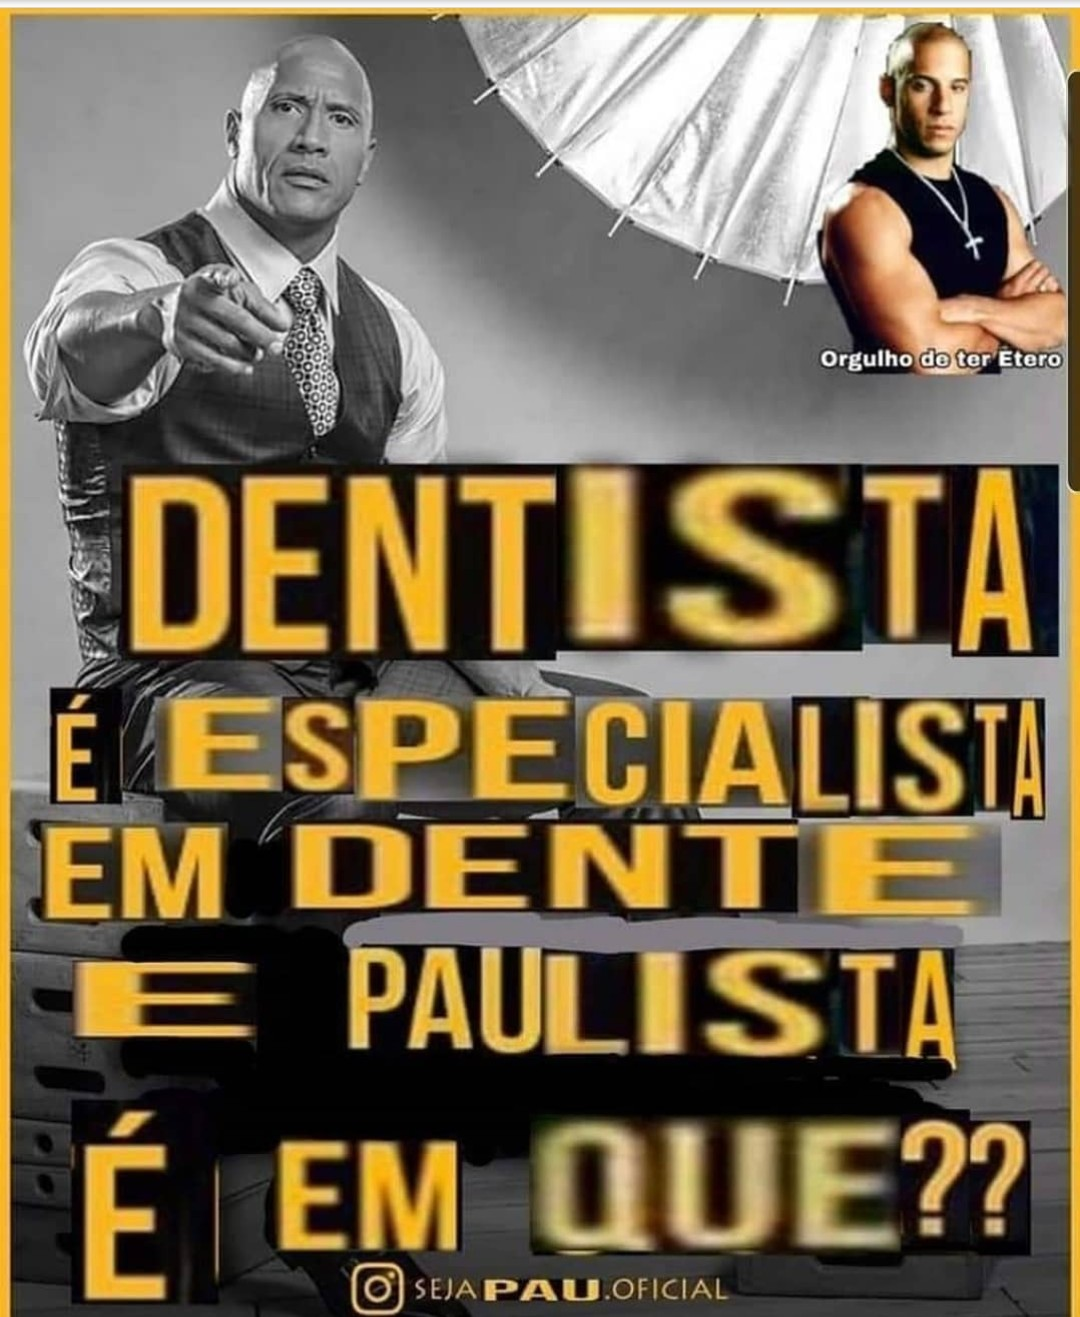 Curitiba é especialista em... - meme